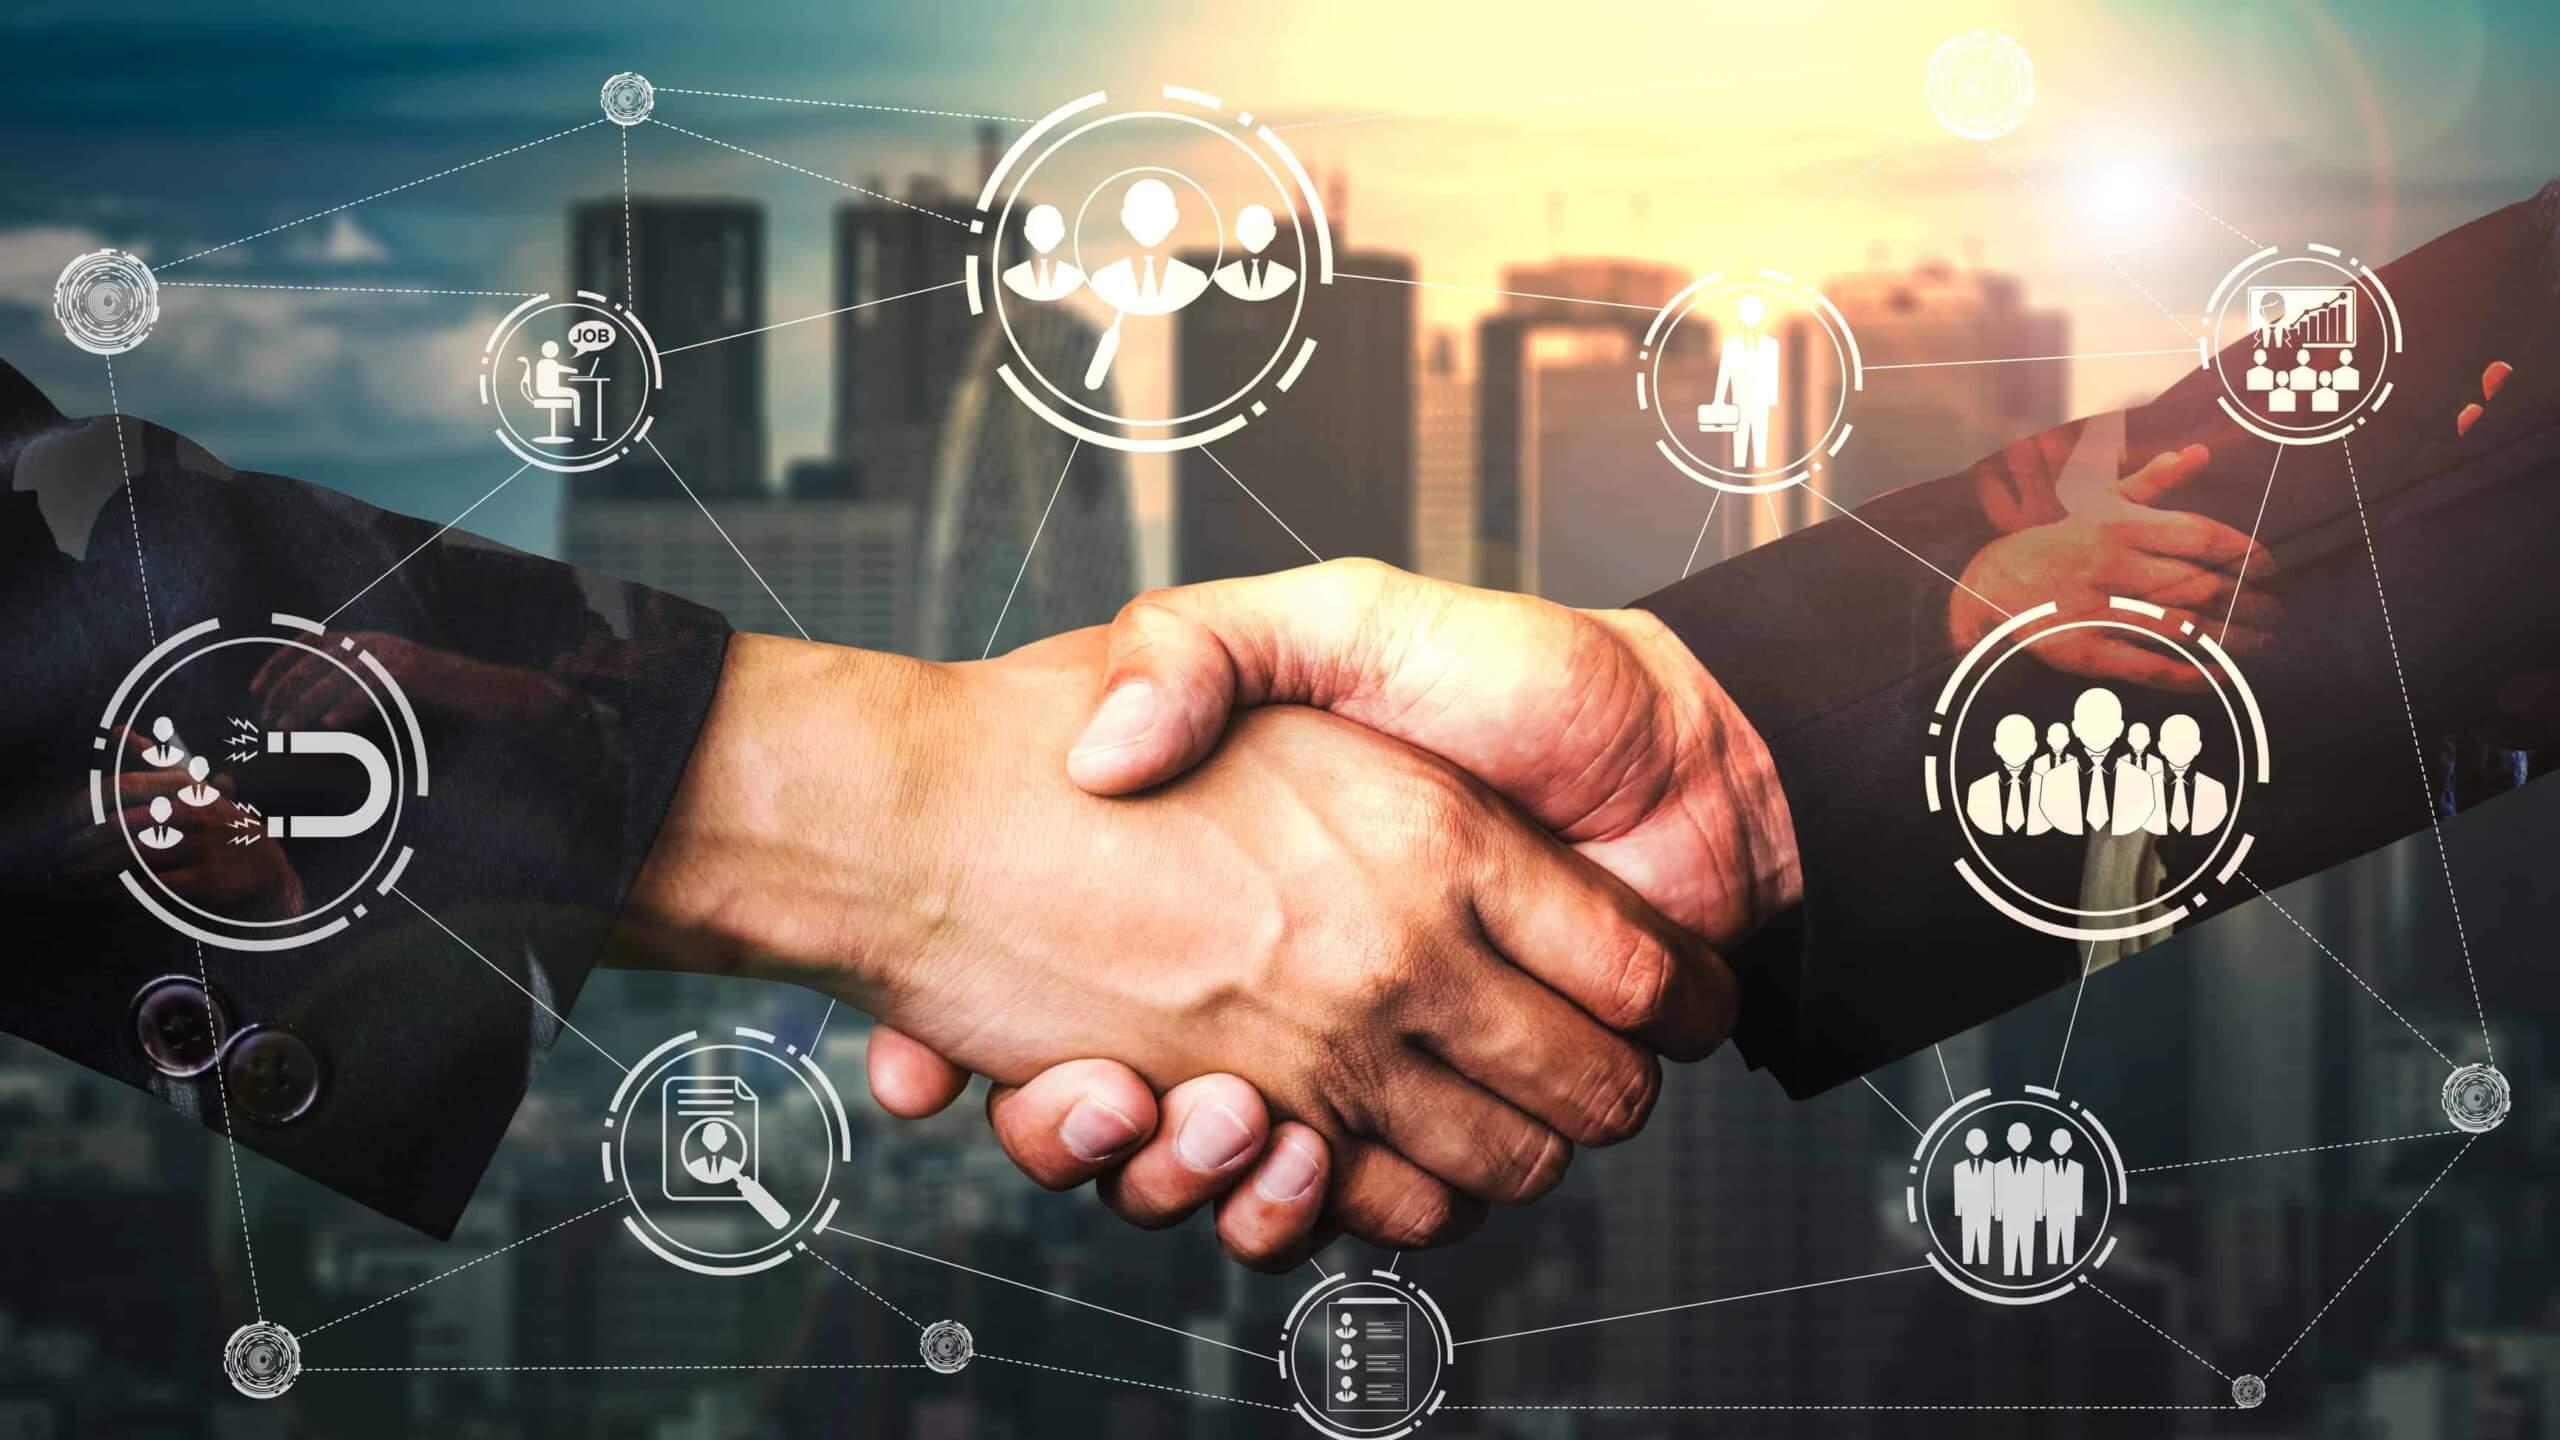 Exemplos de Governança Corporativa: 3 cases de sucesso para se inspirar